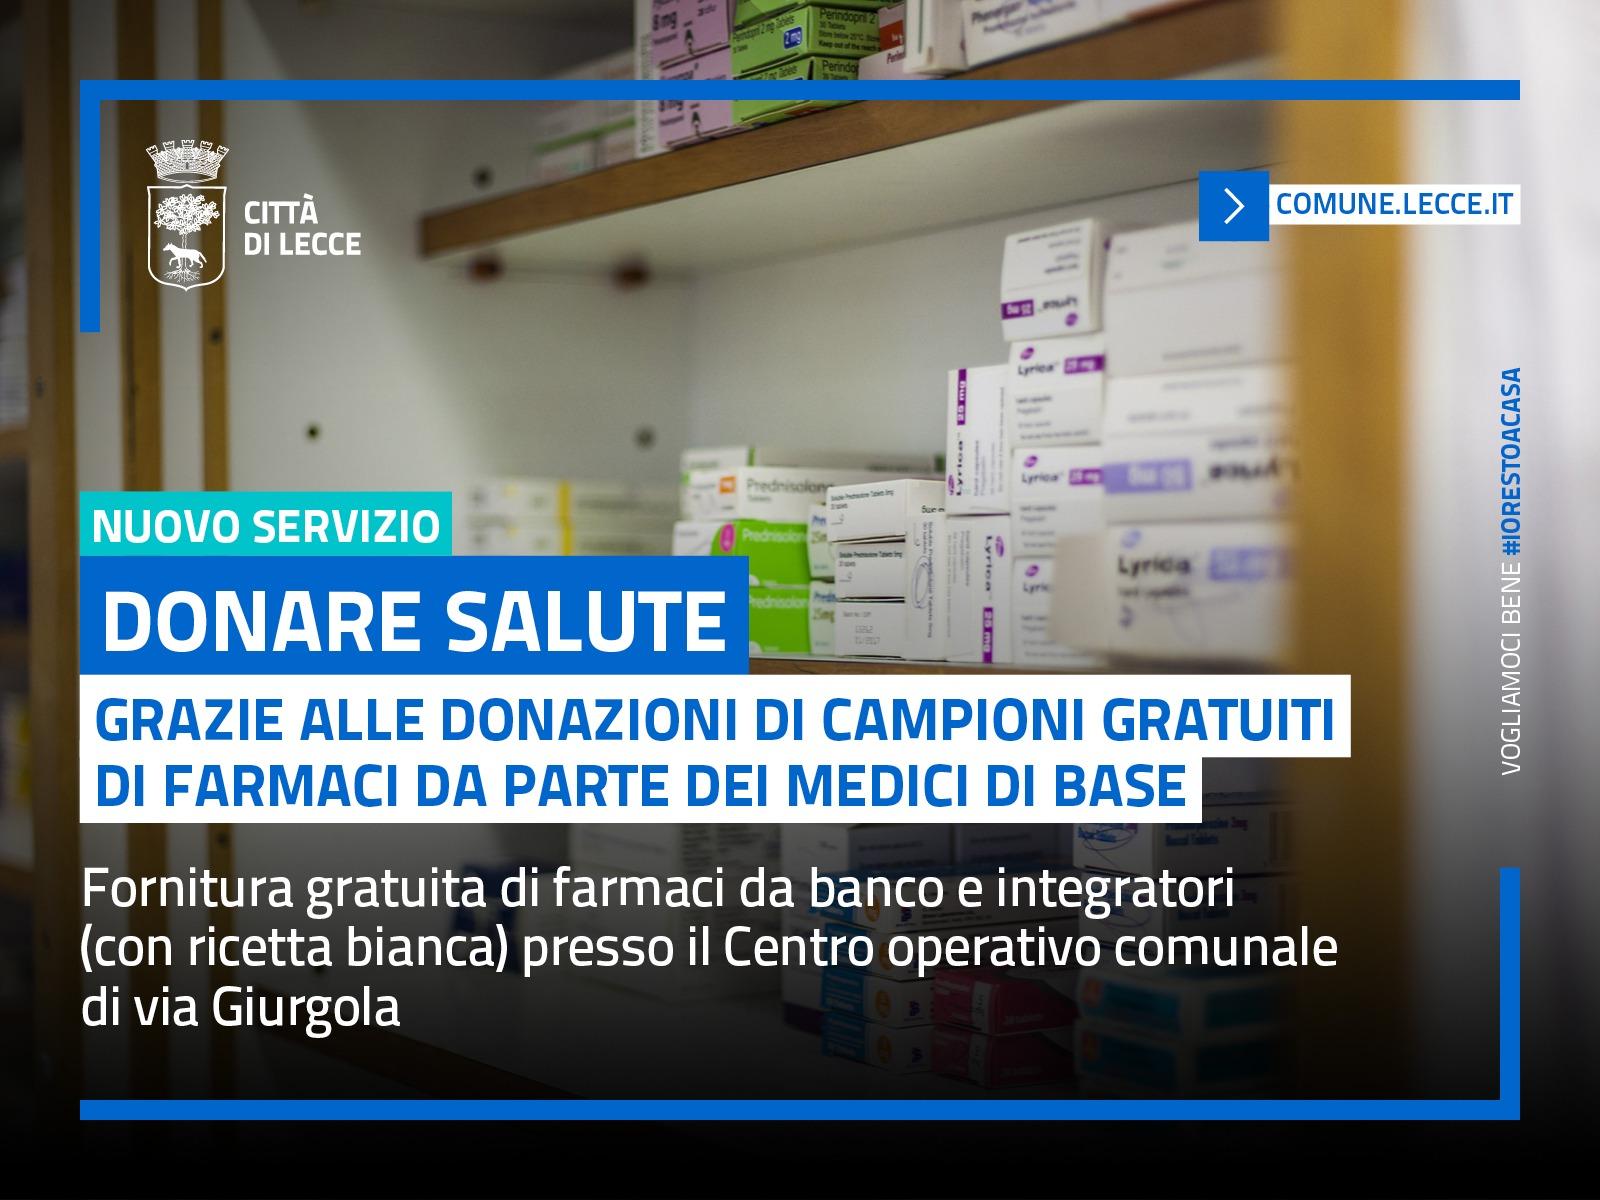 Donare salute: un servizio rivolto ai cittadini che, pur avendone necessità, non possono provvedere autonomamente all'acquisto di farmaci